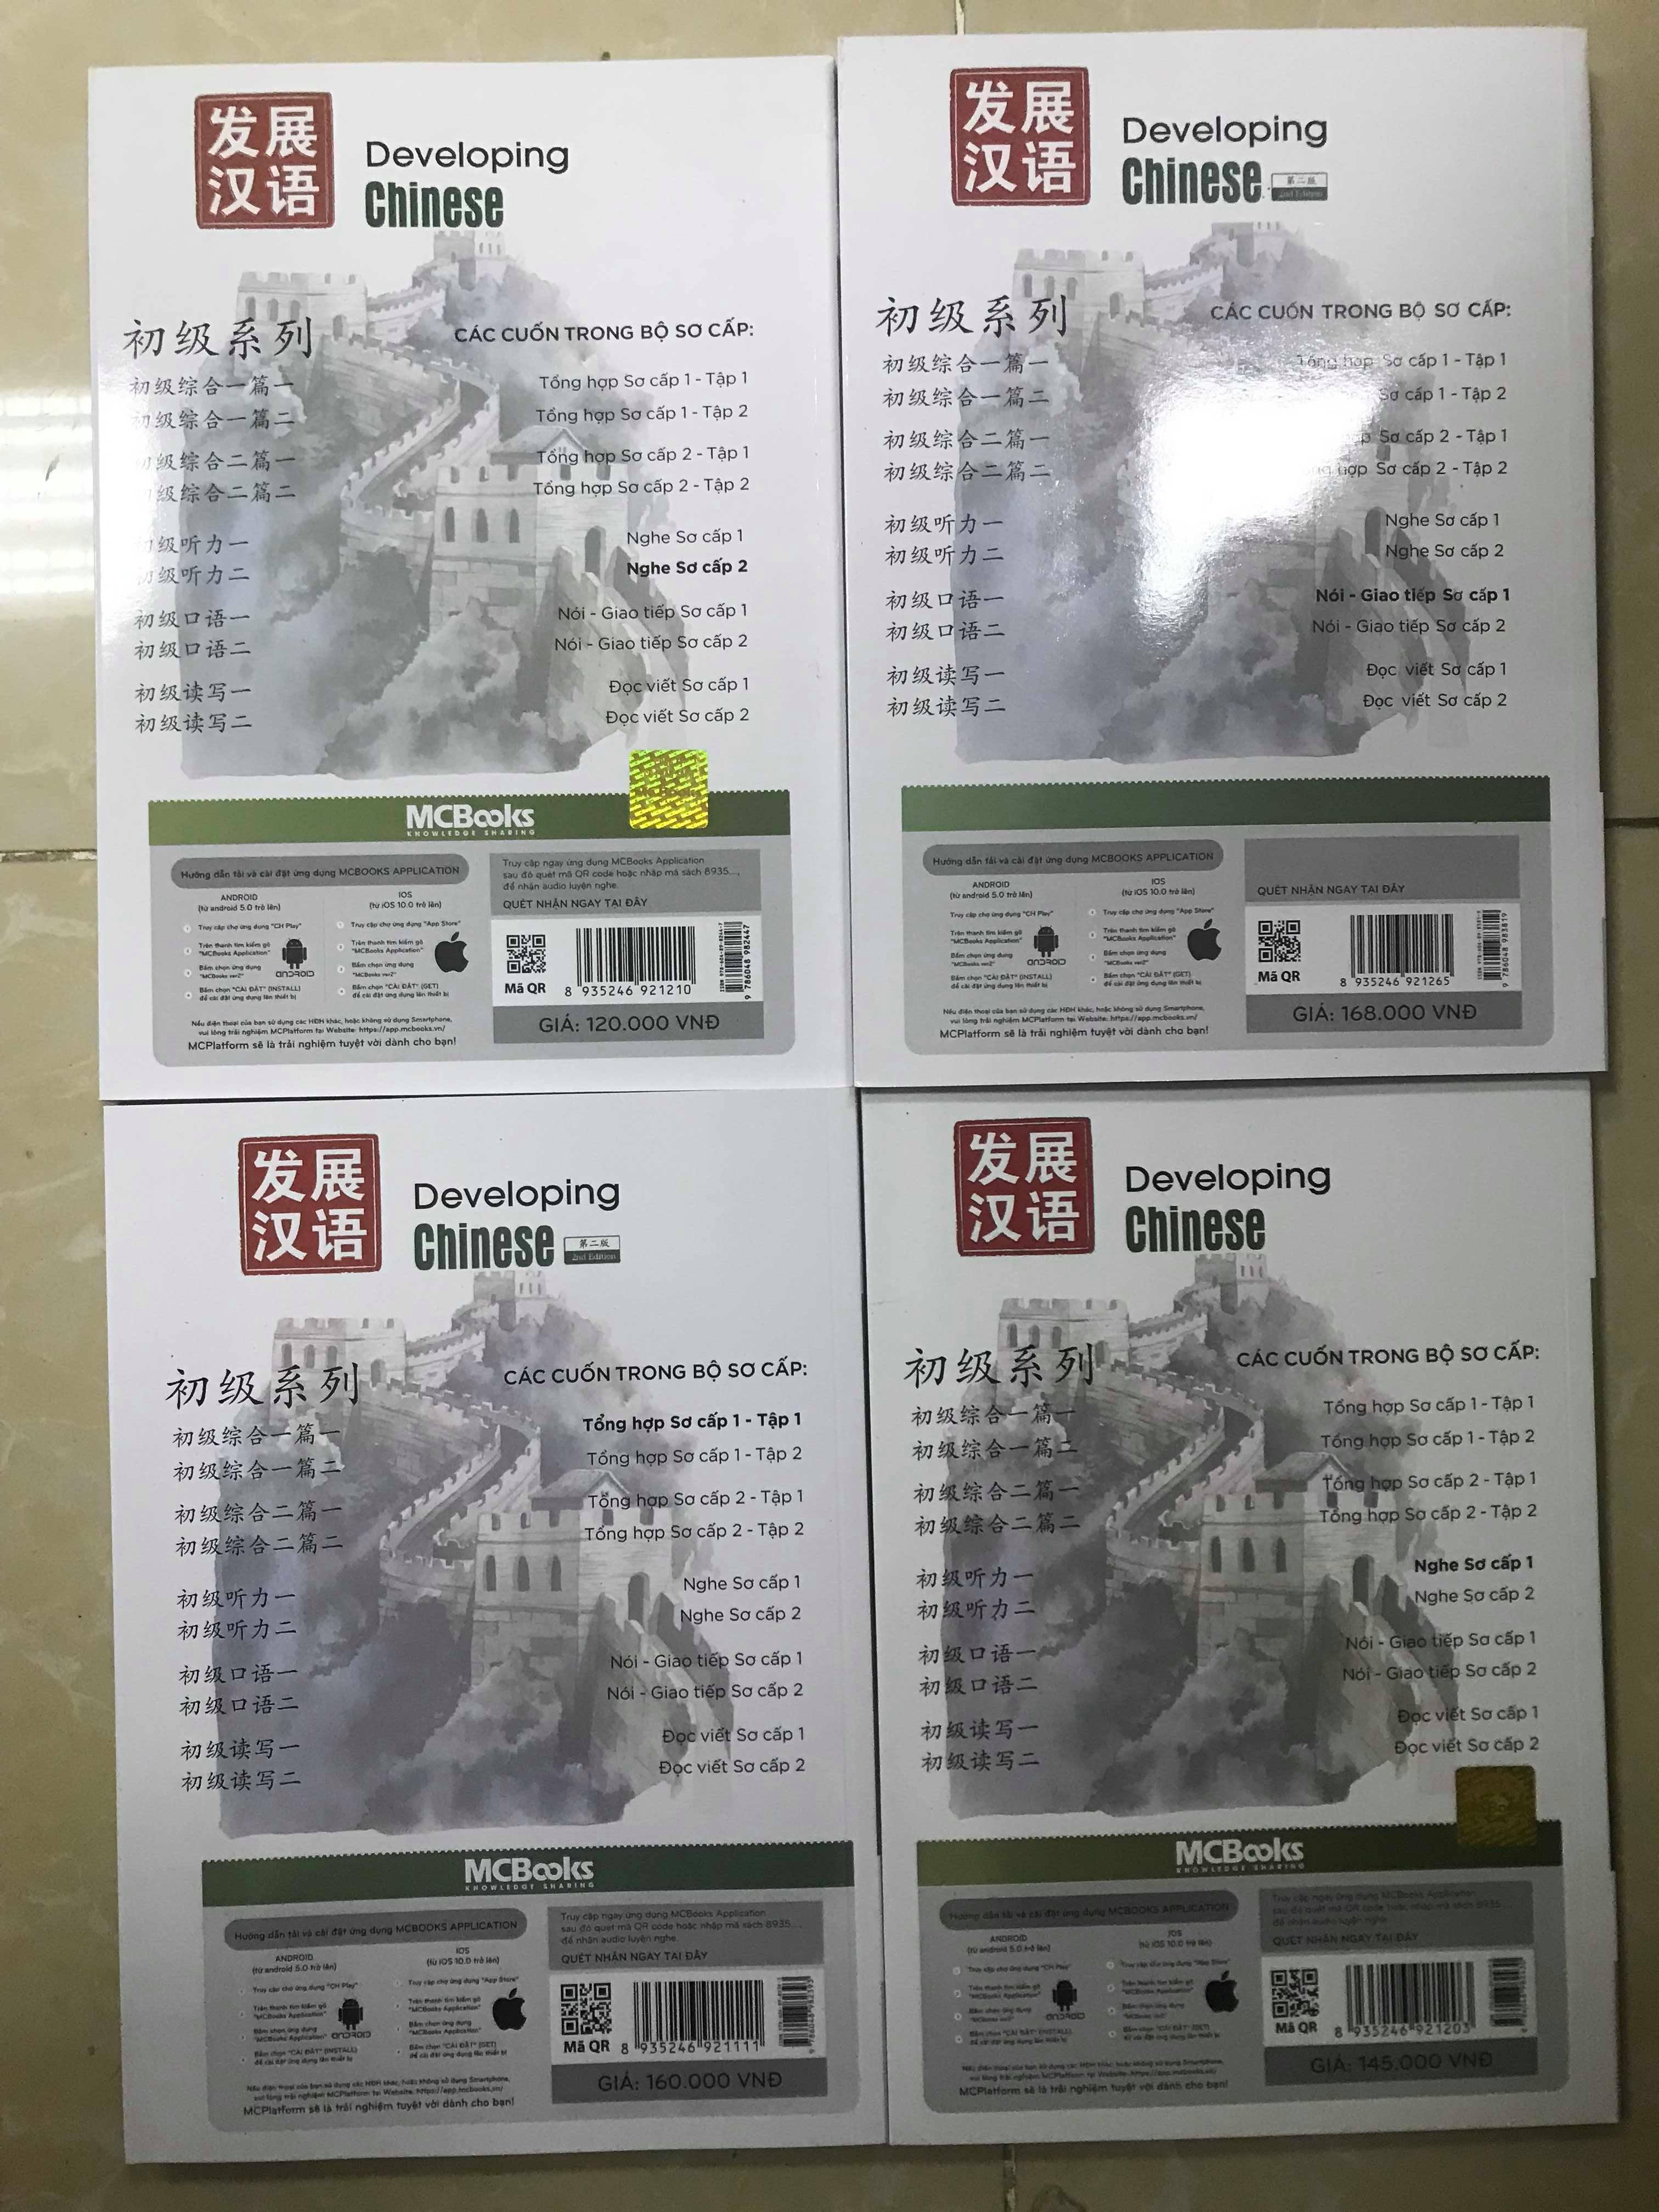 Combo Giáo Trình Phát Triển Hán Ngữ Nghe Sơ Cấp 1 + Tổng Hợp Sơ Cấp 1 + Nói Giao Tiếp Sơ Cấp 1 + Nghe Sơ Cấp 2 ( tặng kèm bút chì dễ thương  )